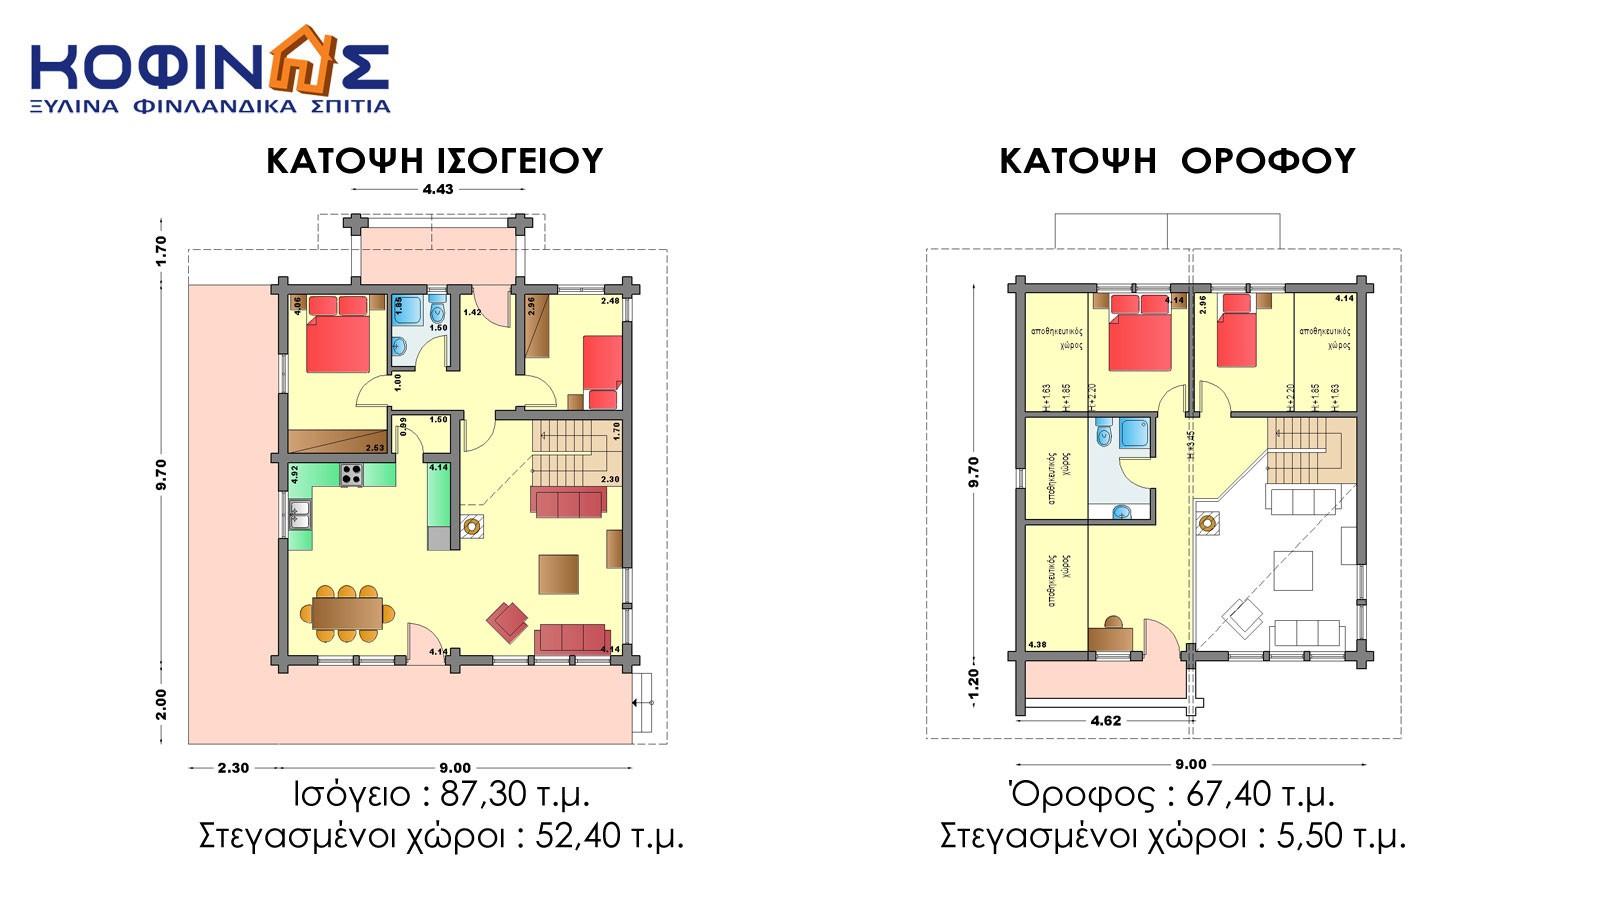 Διώροφη Ξύλινη Κατοικία XD-154, συνολικής επιφάνειας 154,70 τ.μ.